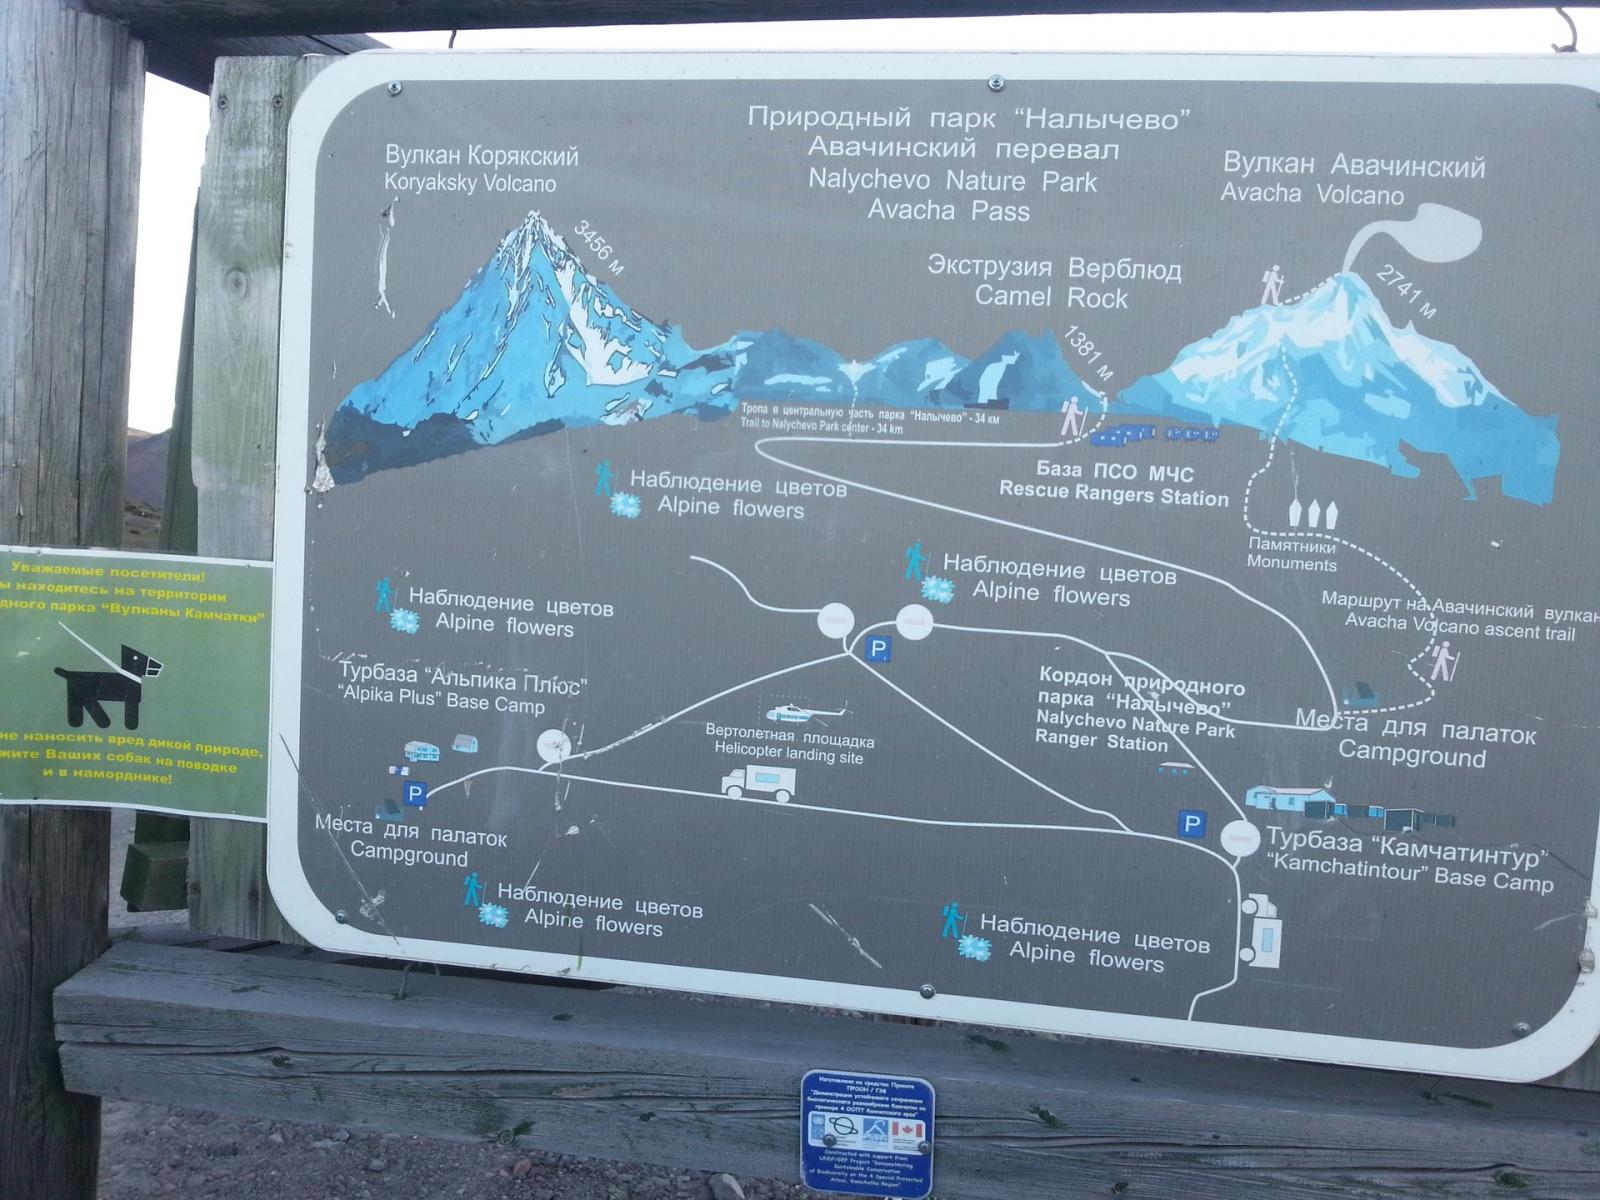 Как мы путешествовали по Камчатке, строя защиту информации в медицинских учреждениях края - 39